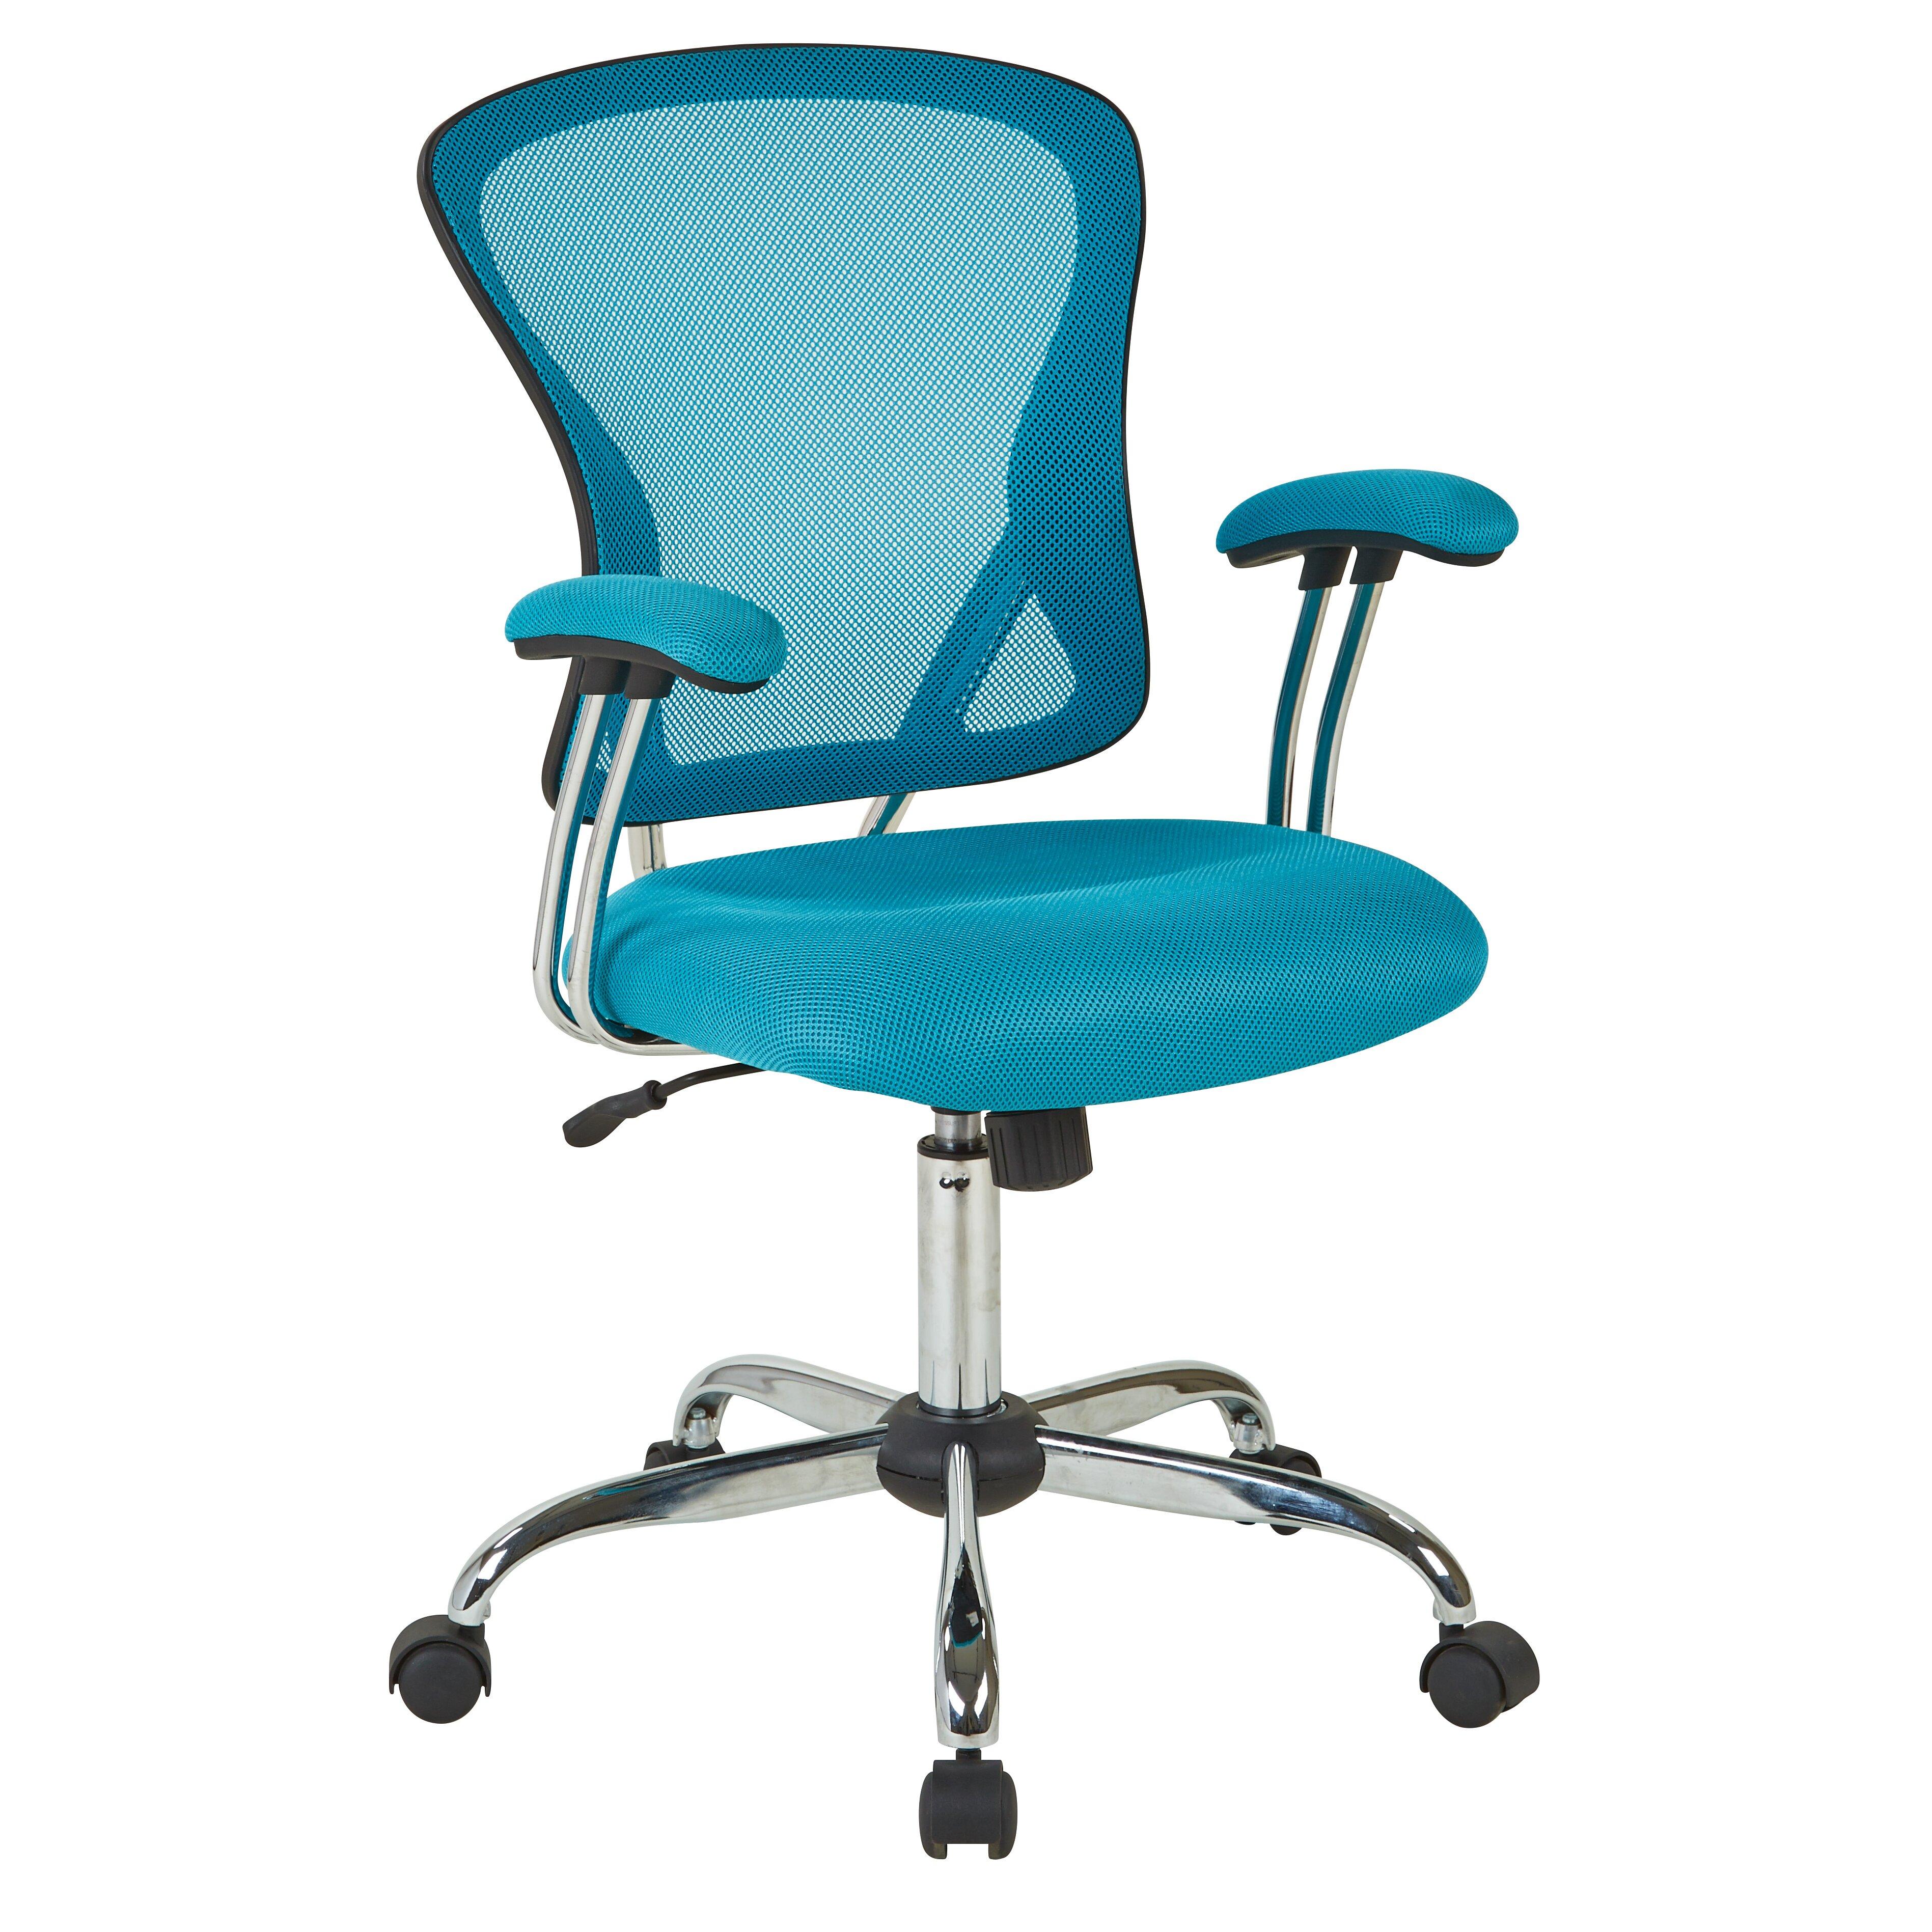 Varick Gallery Alves High Back Mesh Desk Chair Reviews